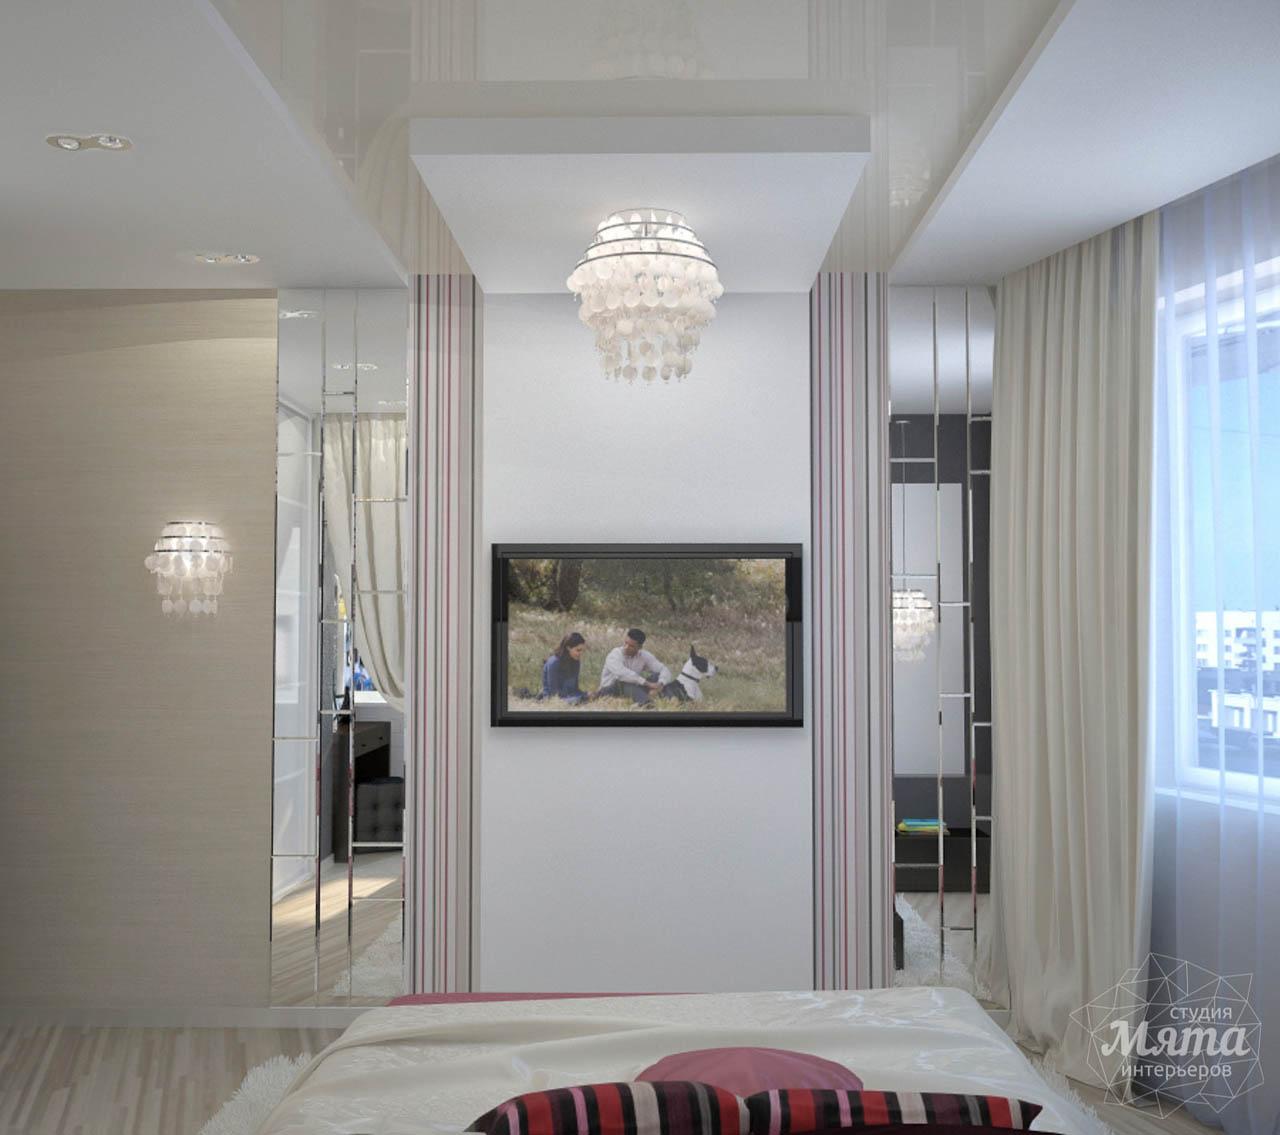 Дизайн интерьера и ремонт трехкомнатной квартиры по ул. Попова 33а img1657076738